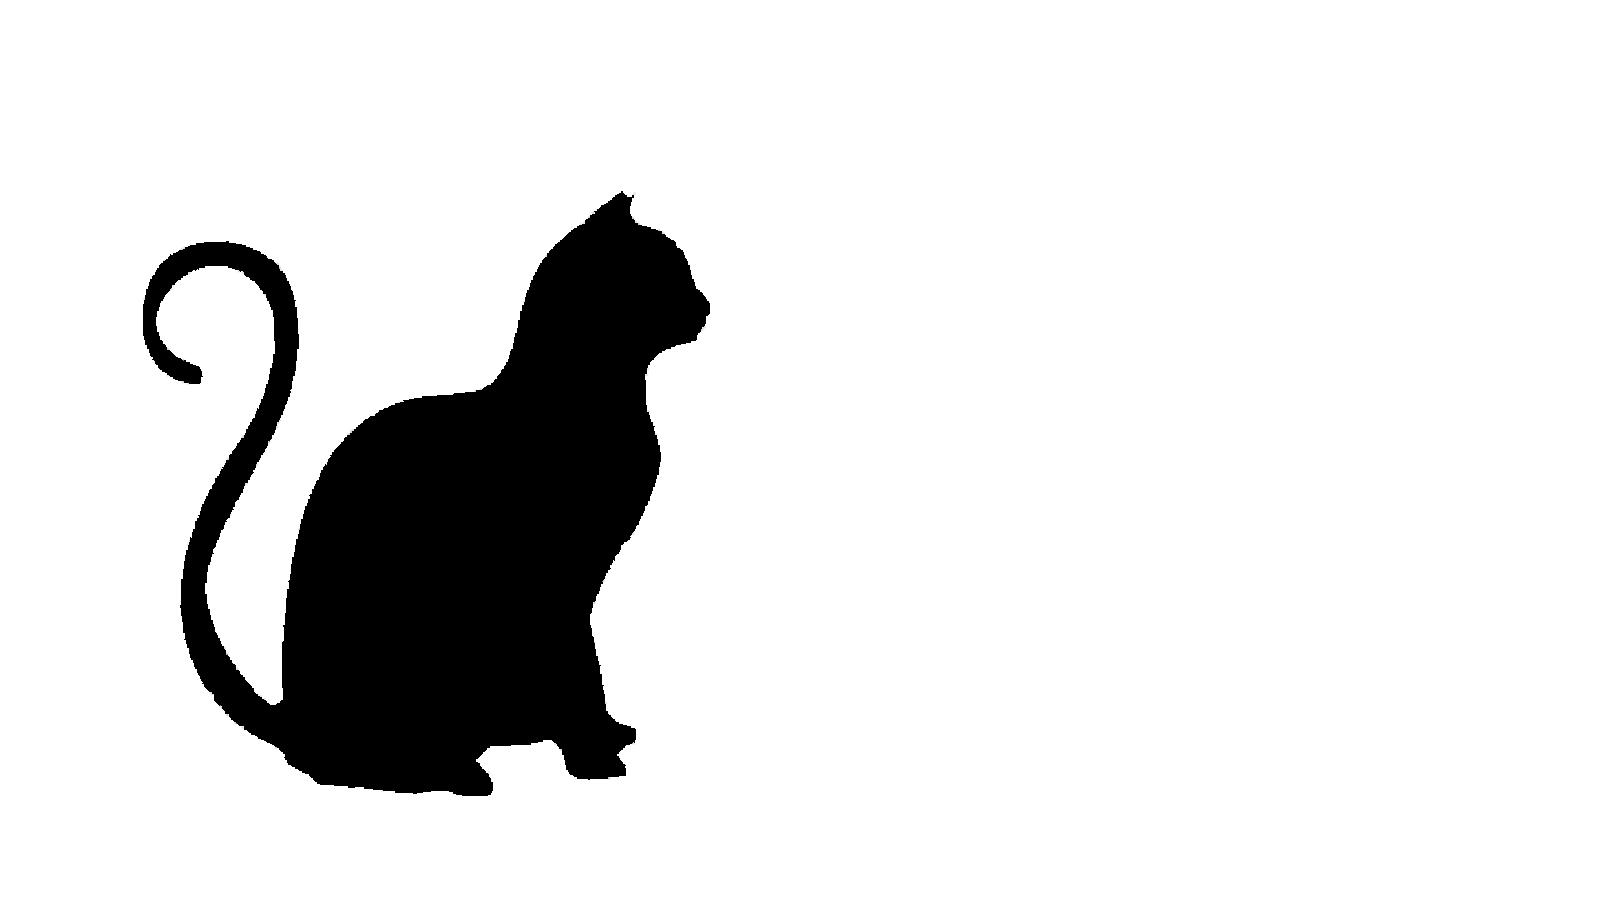 Mascara gato silhueta TR_1920x1080